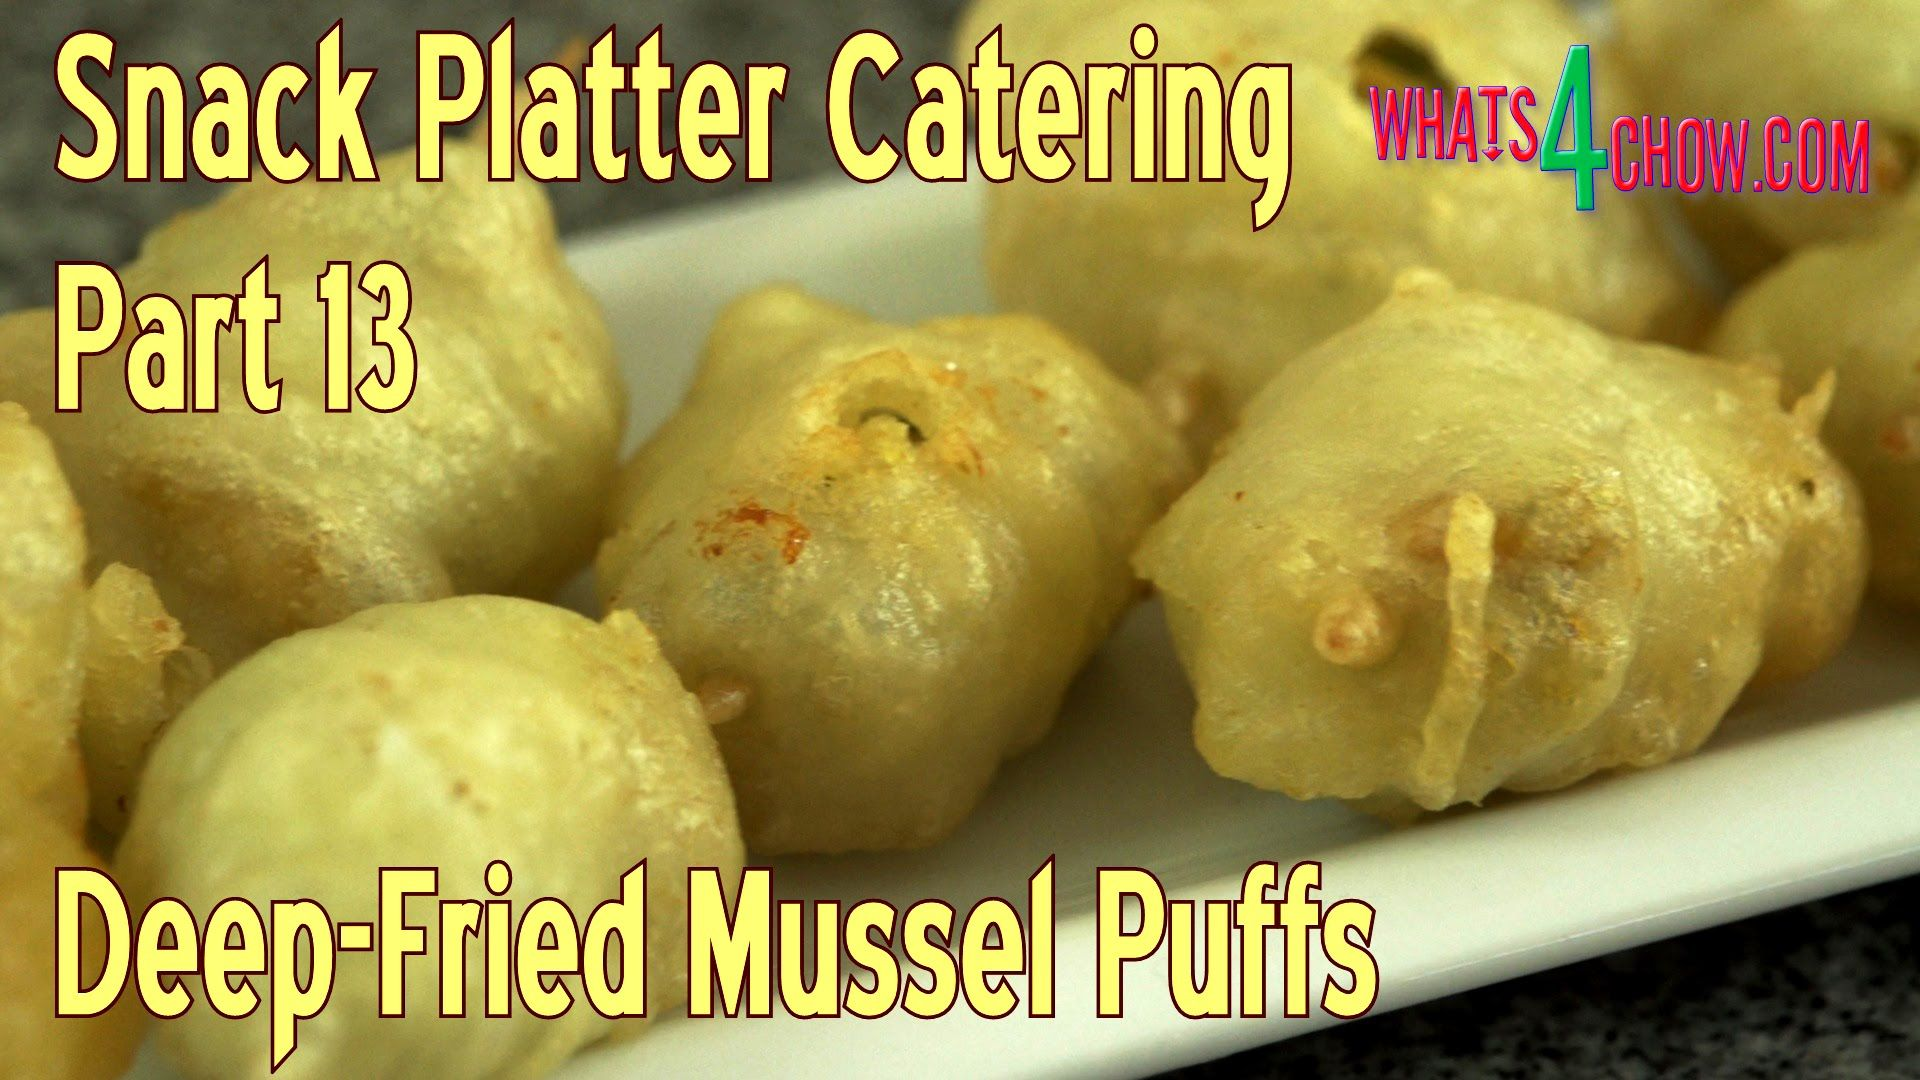 Snack Platter Catering - Part 13 - Deep Fried Mussel Puffs. Crispy Deep-...